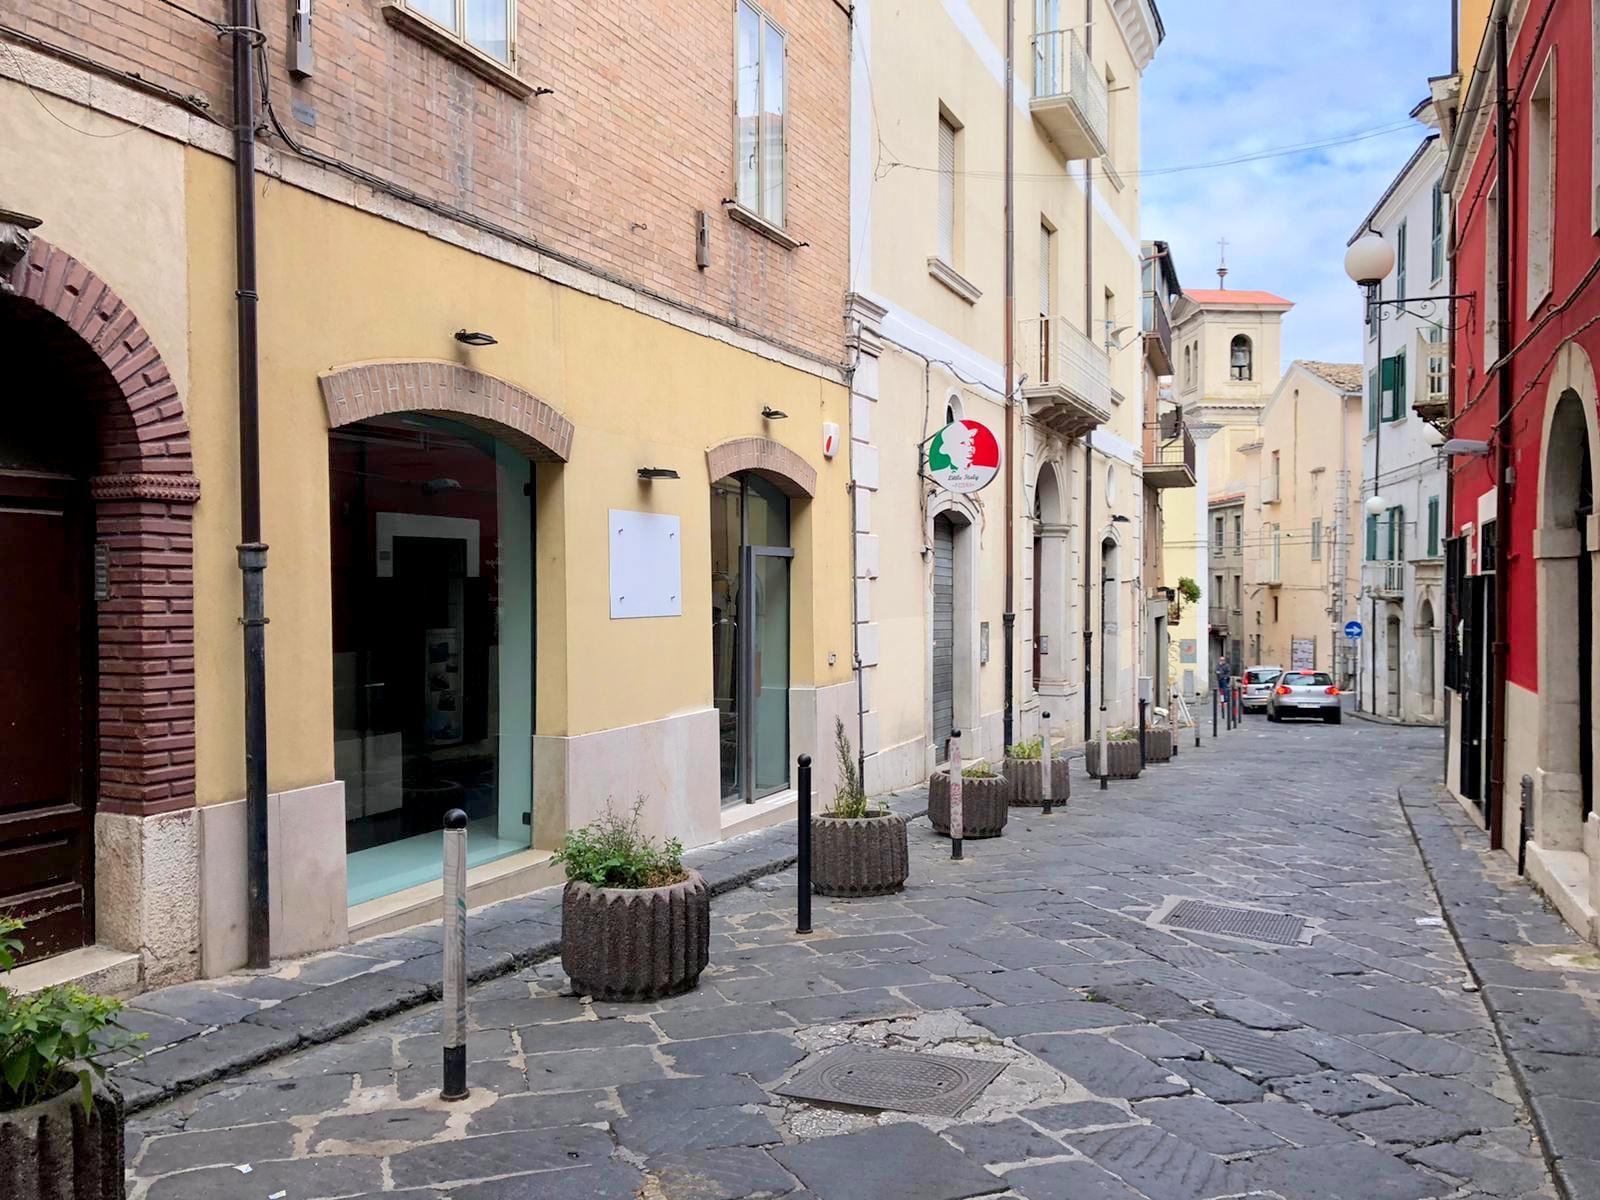 LOCALE COMMERCIALE – VIA ROMA